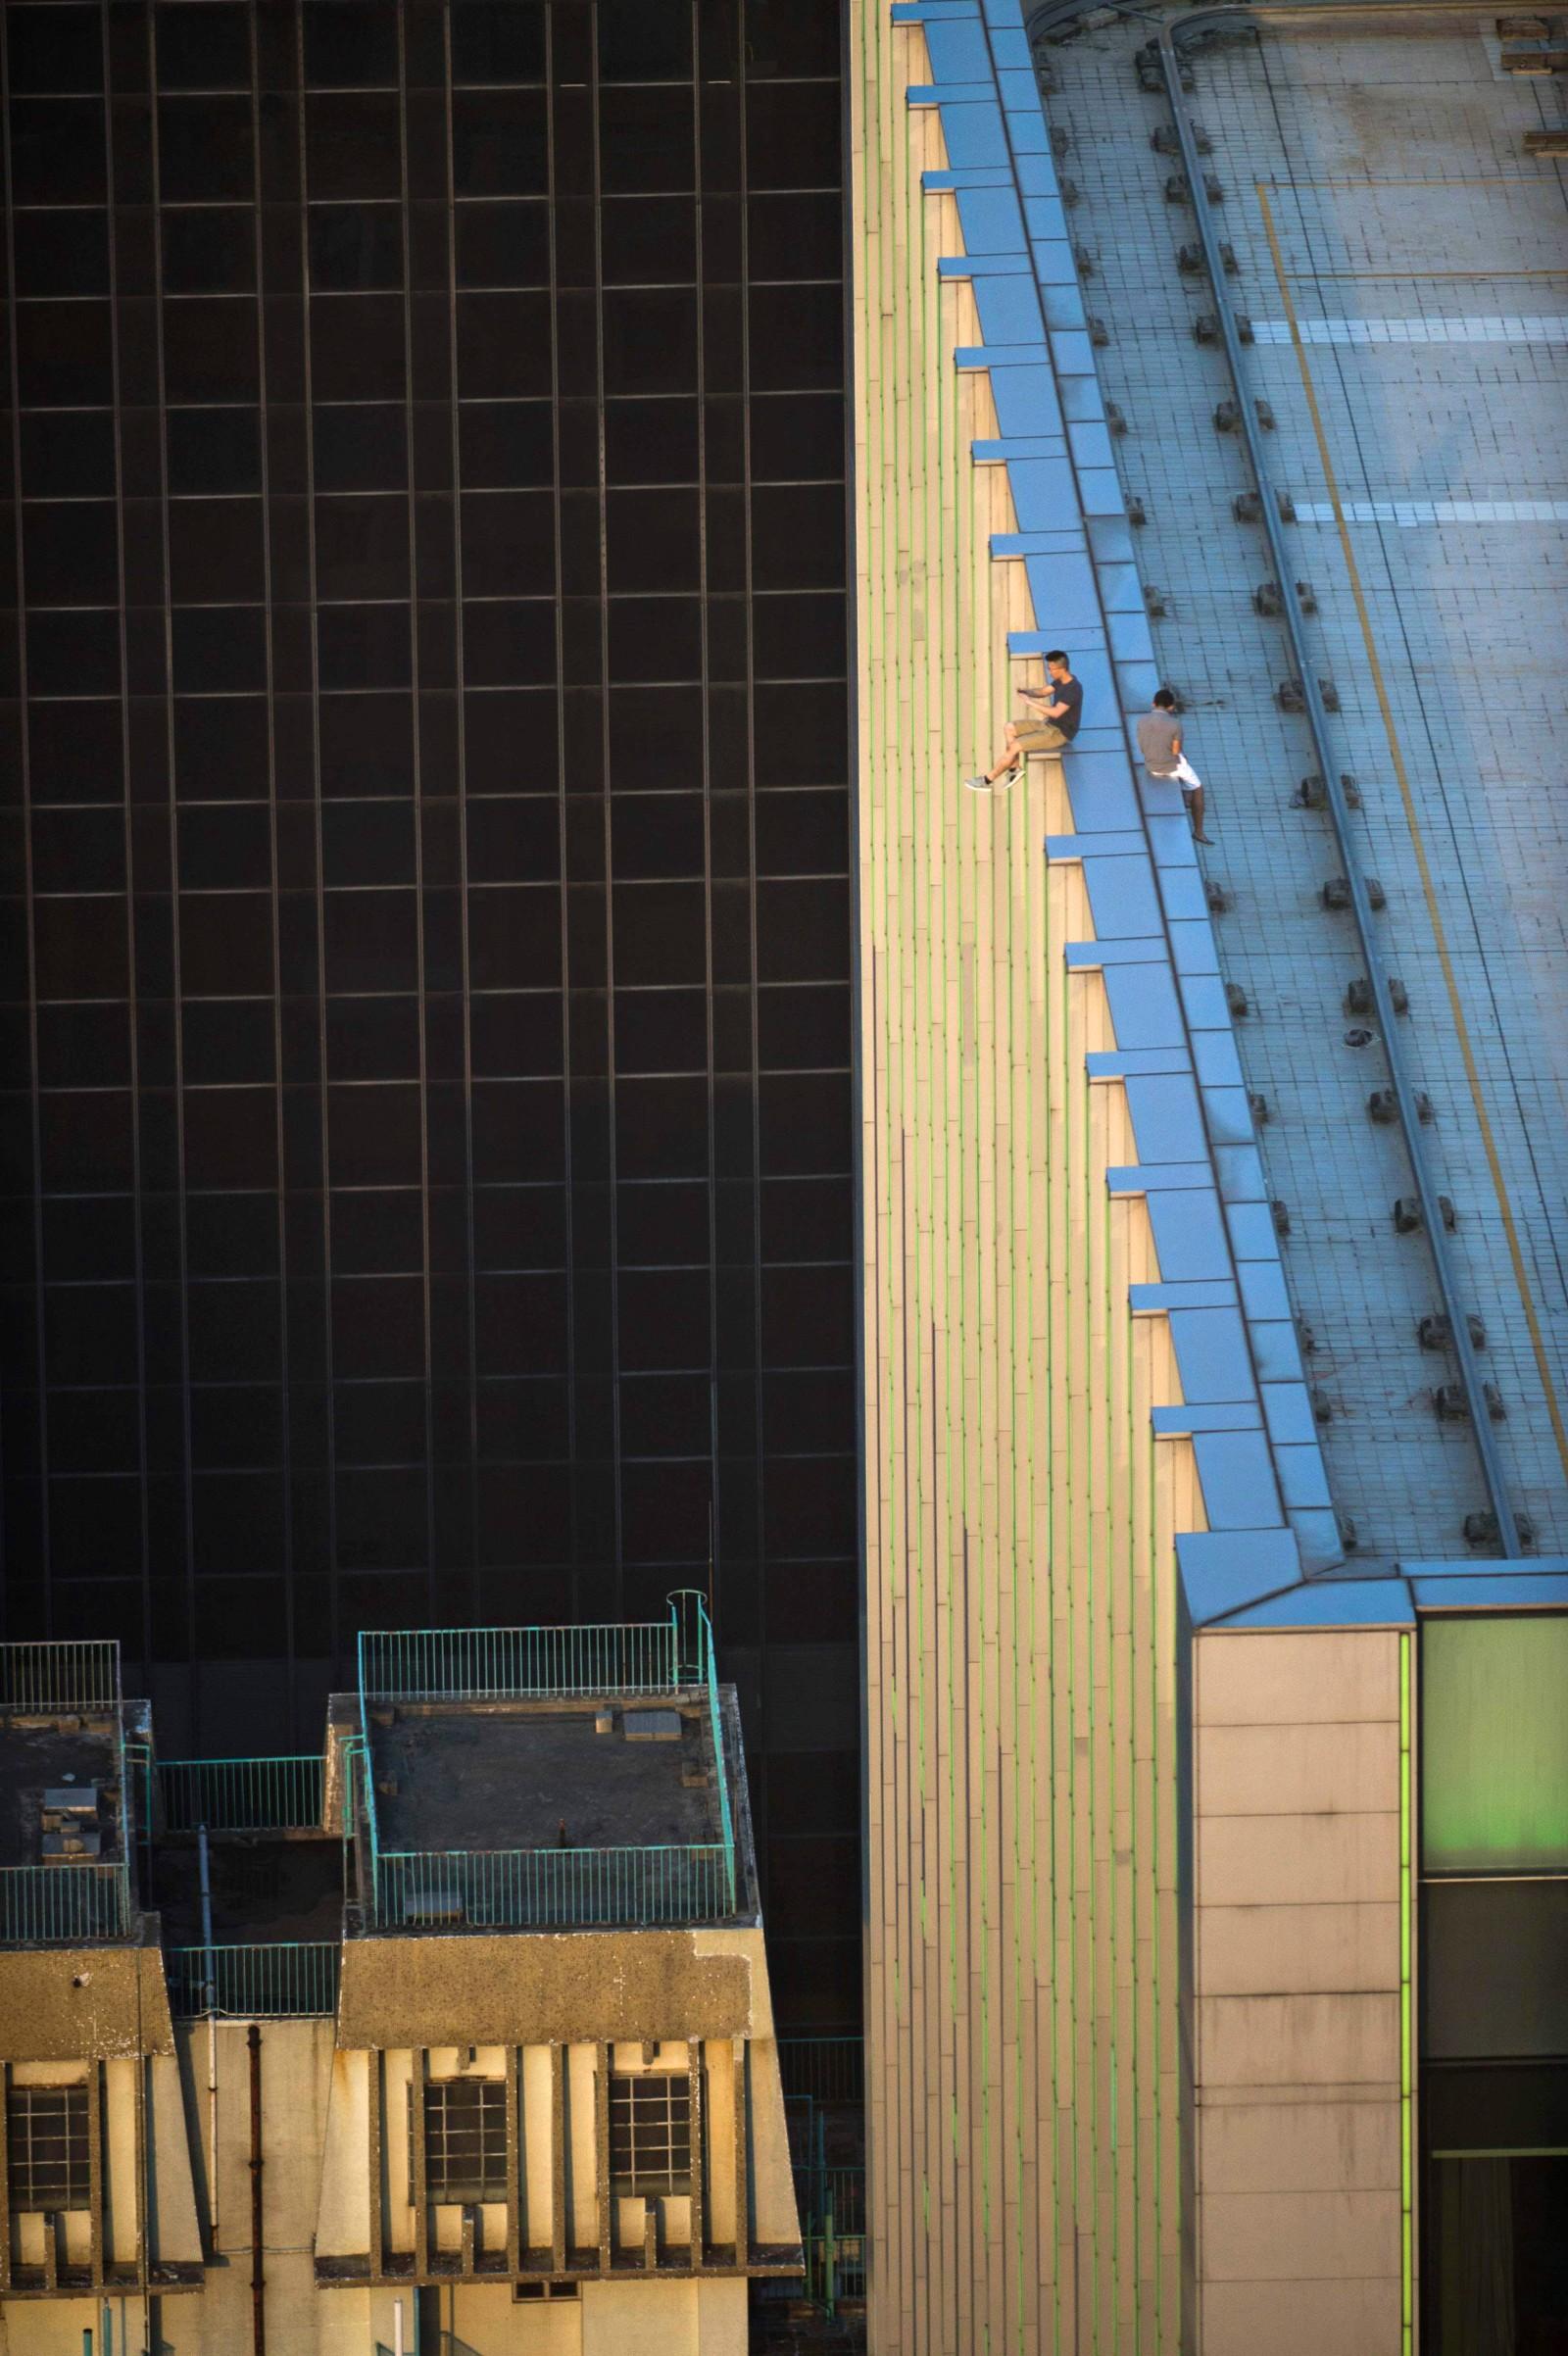 """Disse mennene driver med noe som blir kalt """"rooftopping"""". Det innebærer å komme seg opp på taket på de høyeste skyskraperne og ta spektakulære bilder av utsikten. Dette bildet er fra Hong Kong den 23. august"""